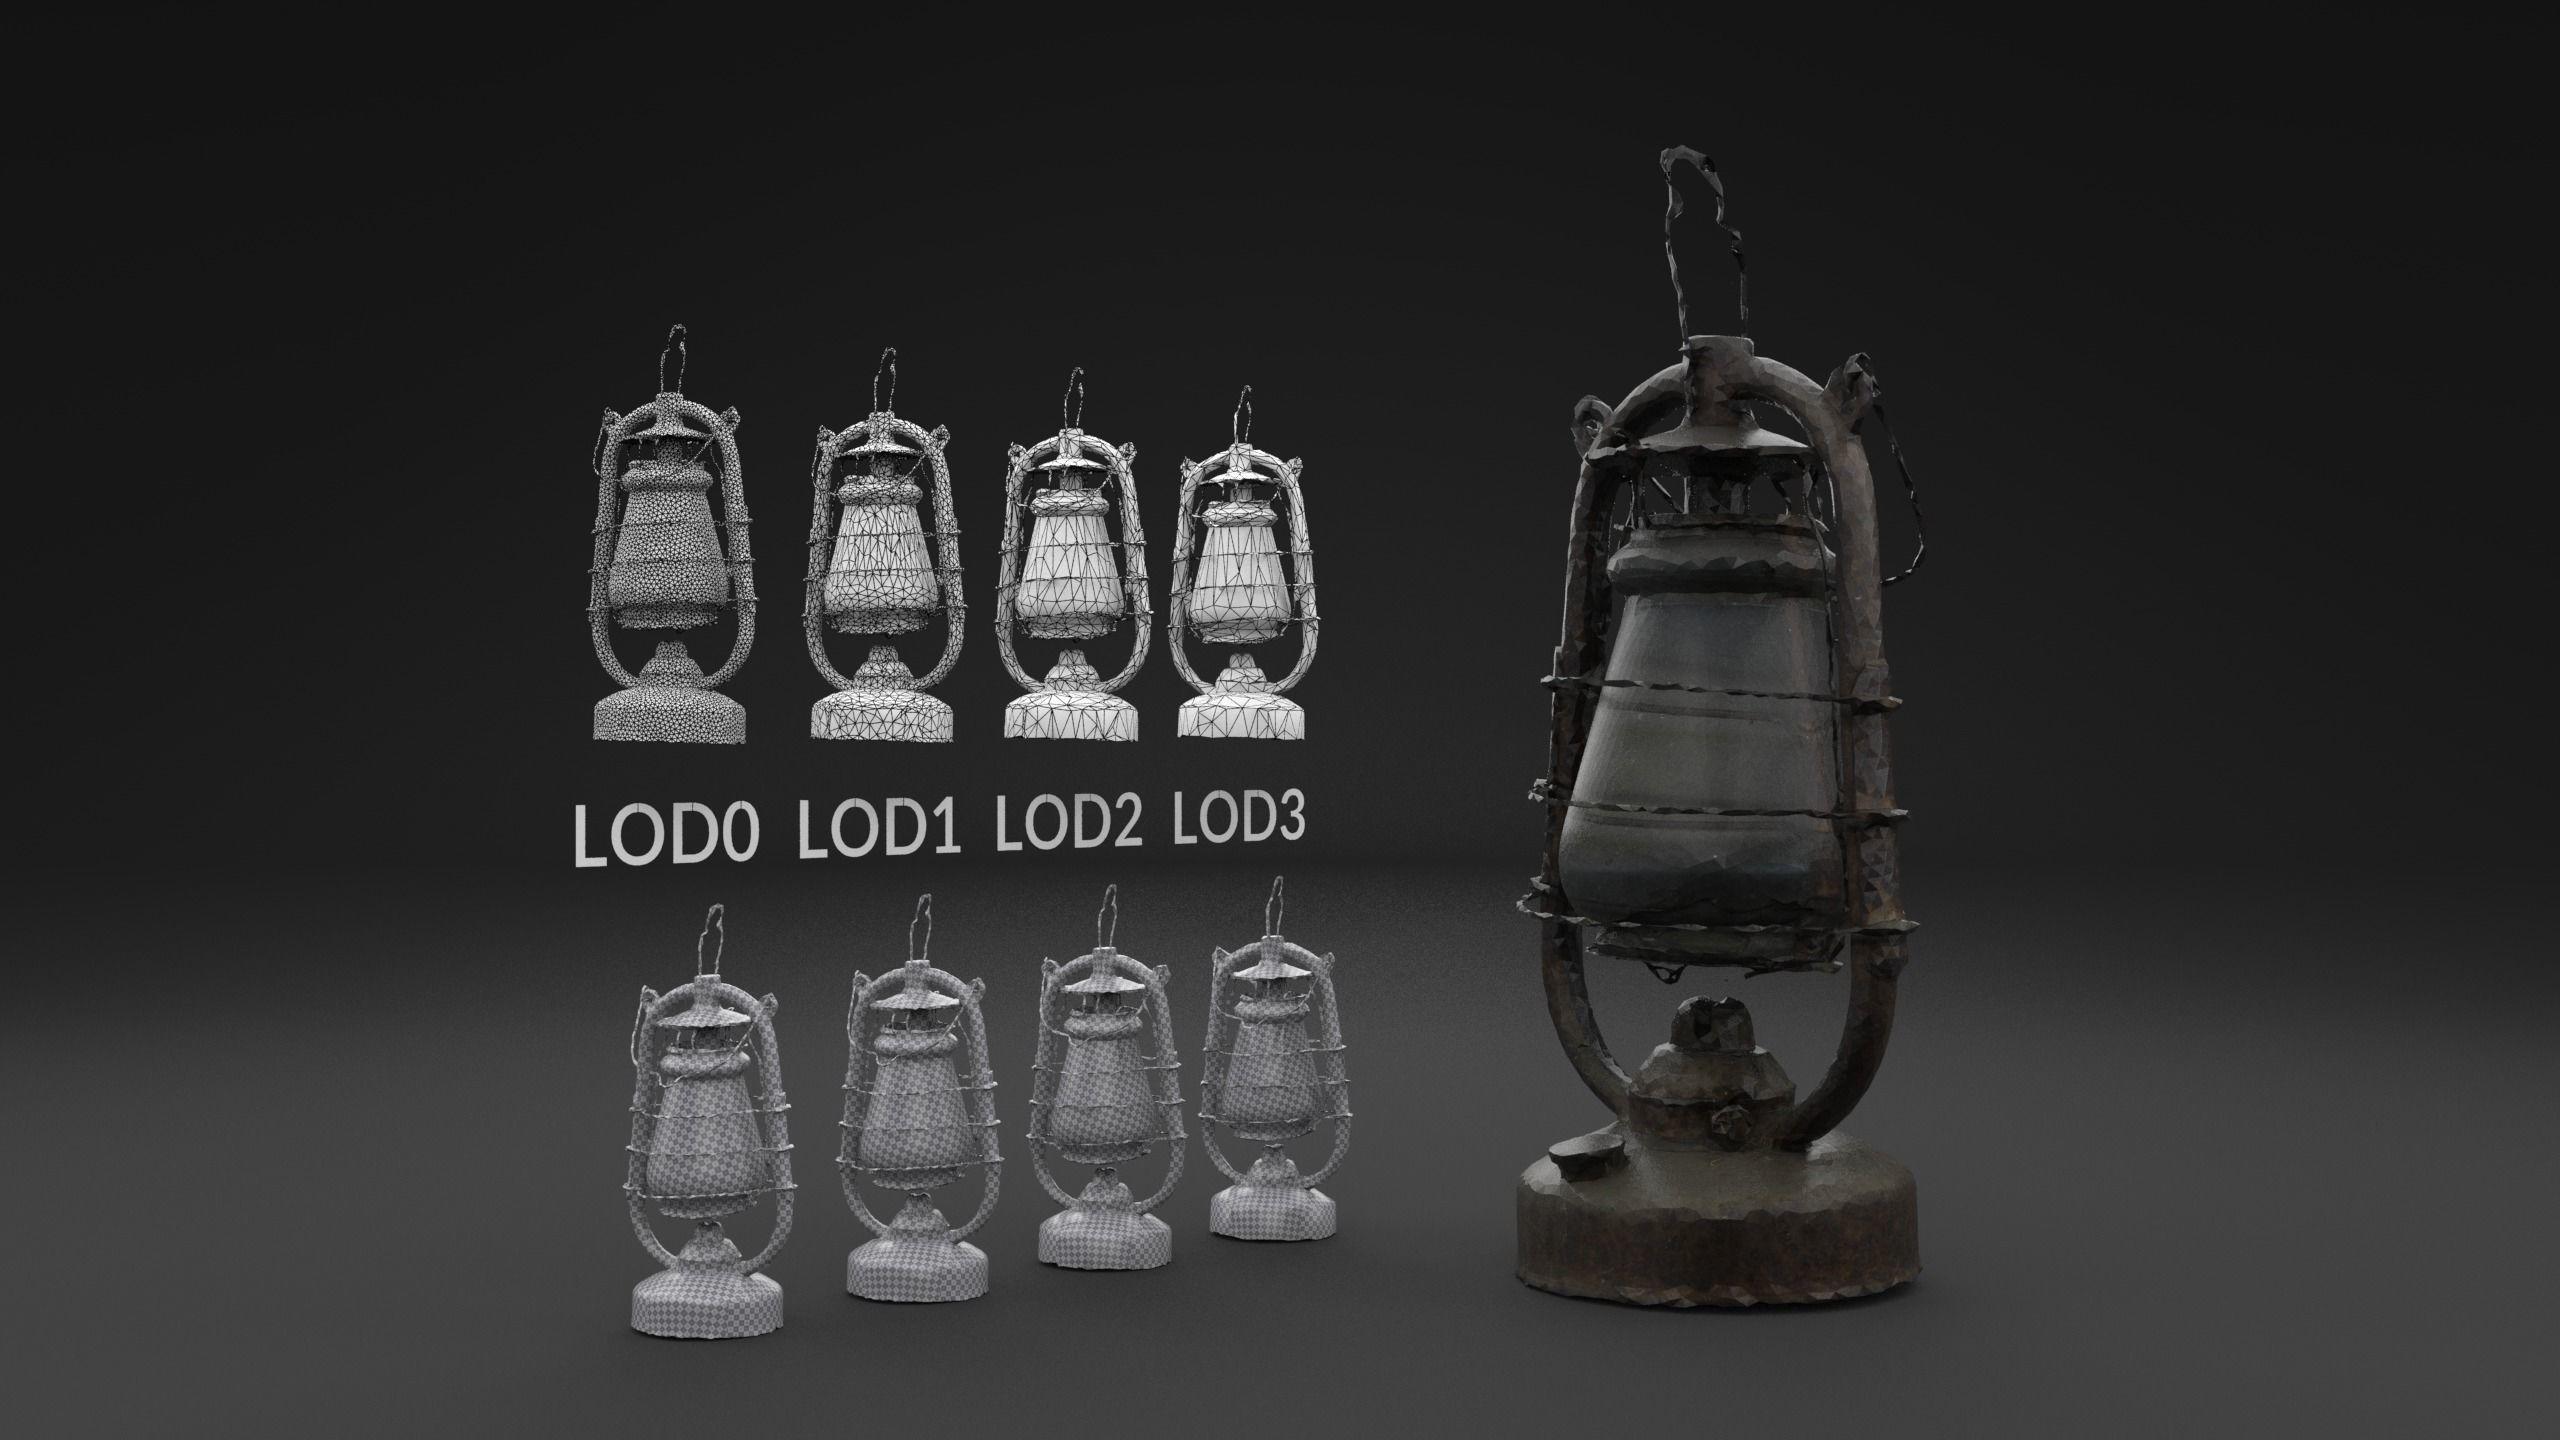 Scanned Old Kerosene Lamp LOW POLY LODs